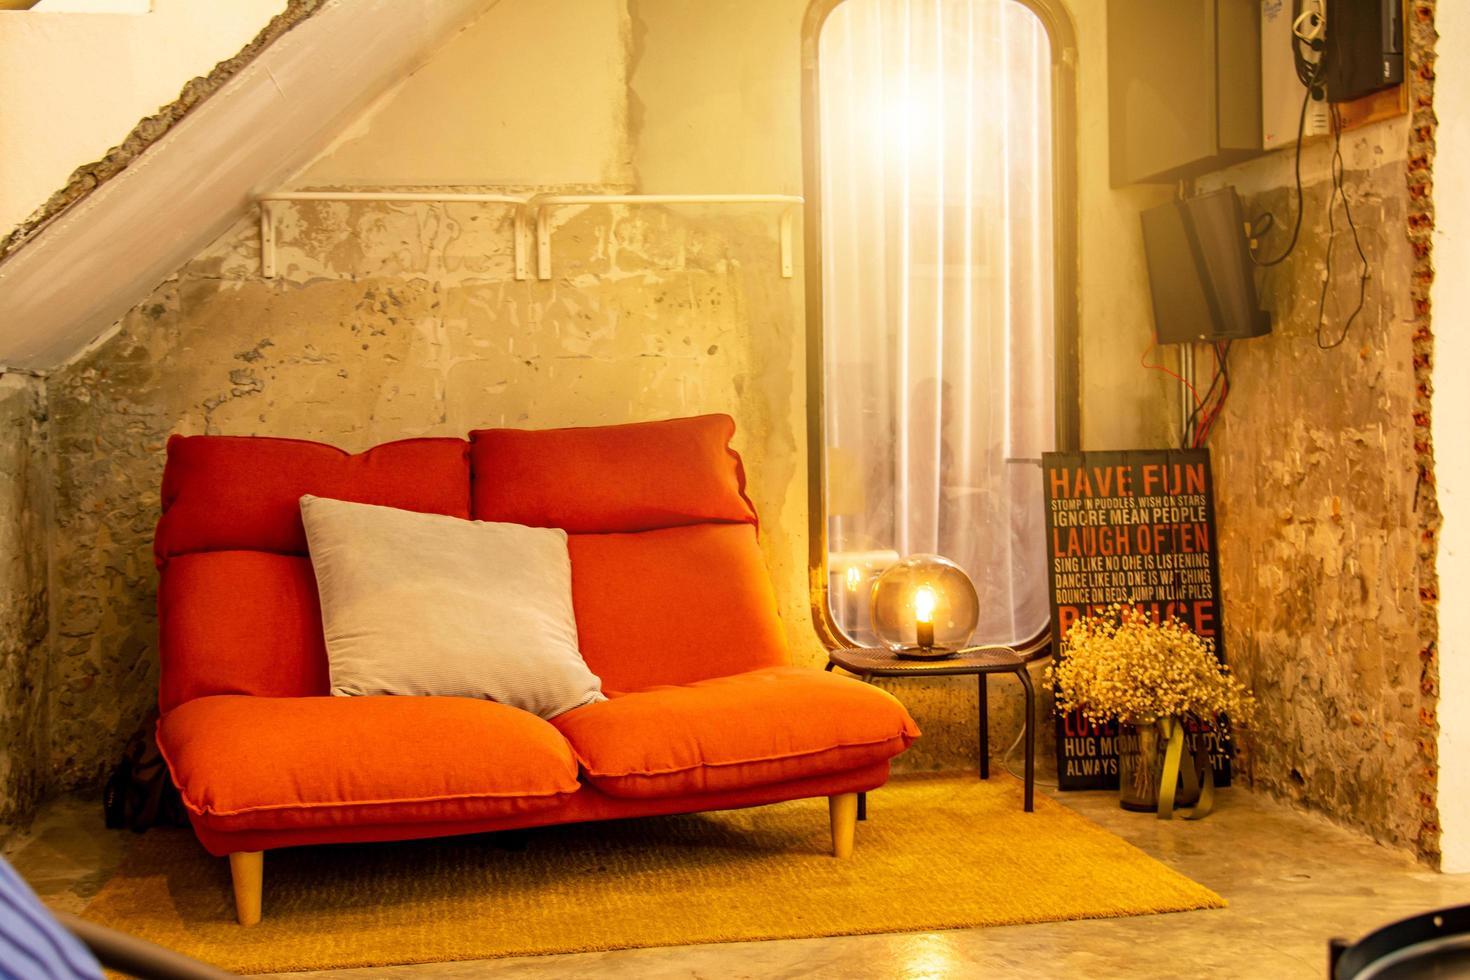 Wohnzimmer Sofa in hellen Raum foto